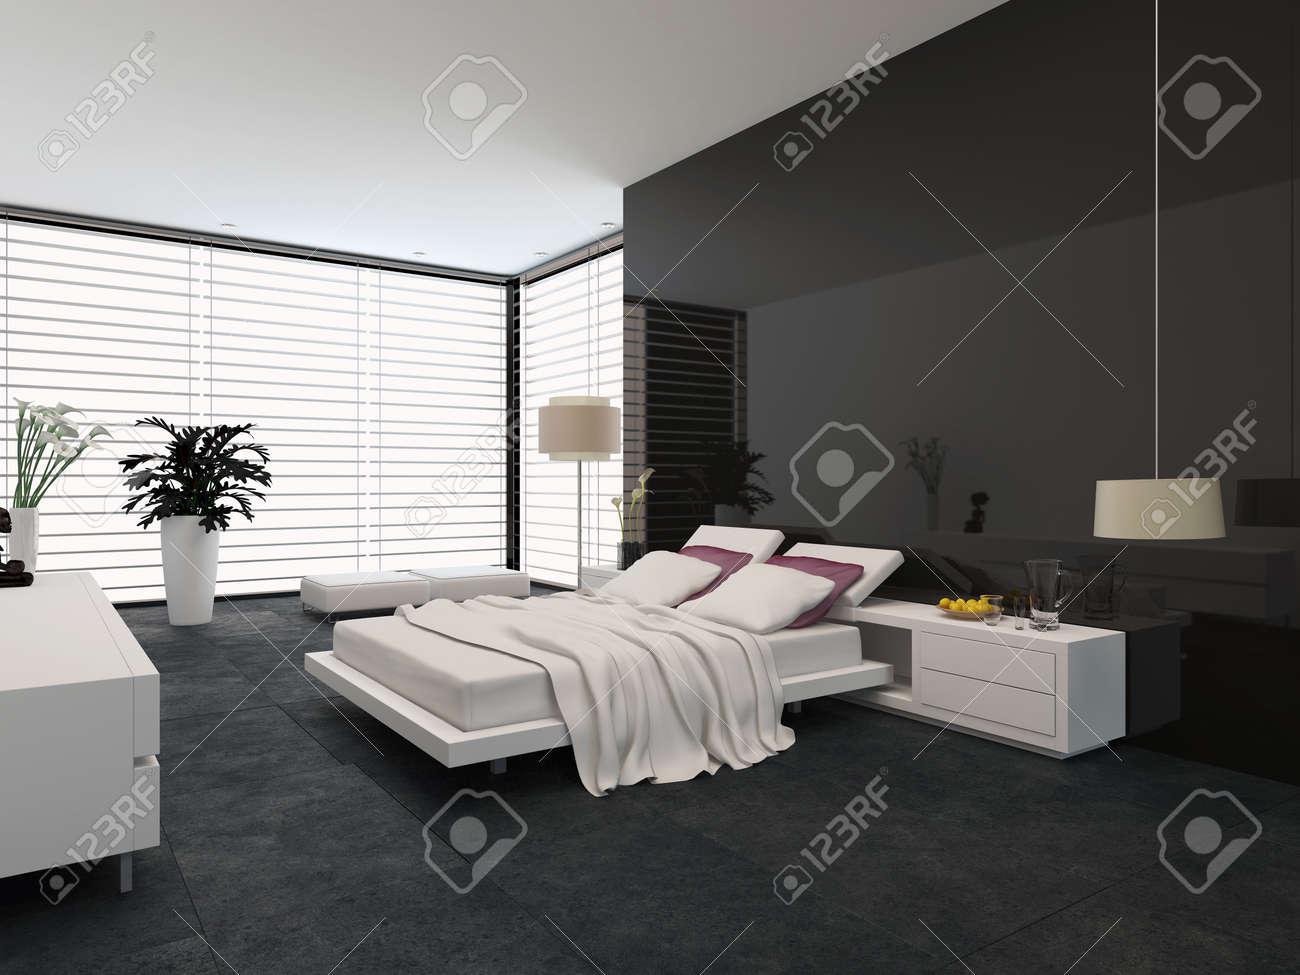 Geräumige, Moderne Zimmer Mit Einem Verstellbaren Doppelbett, Große ...